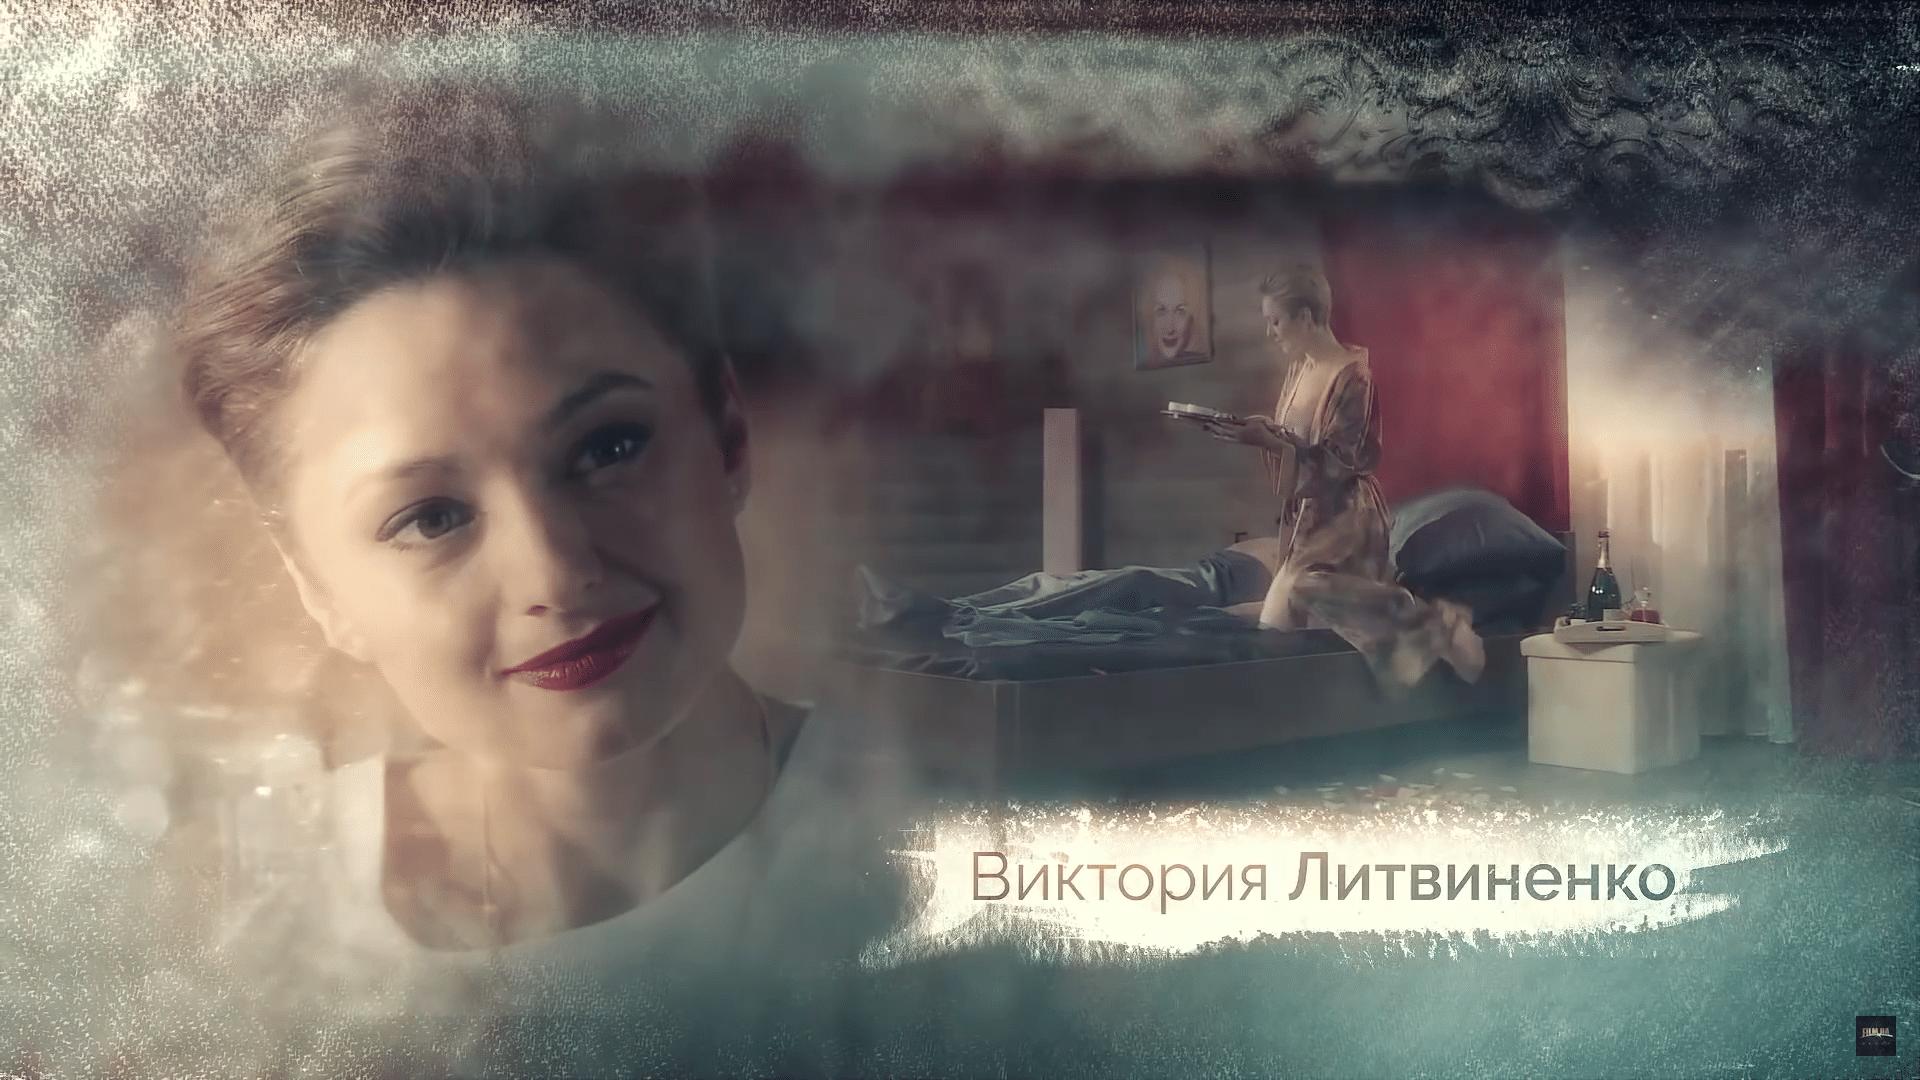 Виктория Литвиненко-Ясиновская - Сыграла в сериале роль воздыхательницы и соблазнительницы Григория - Ирину